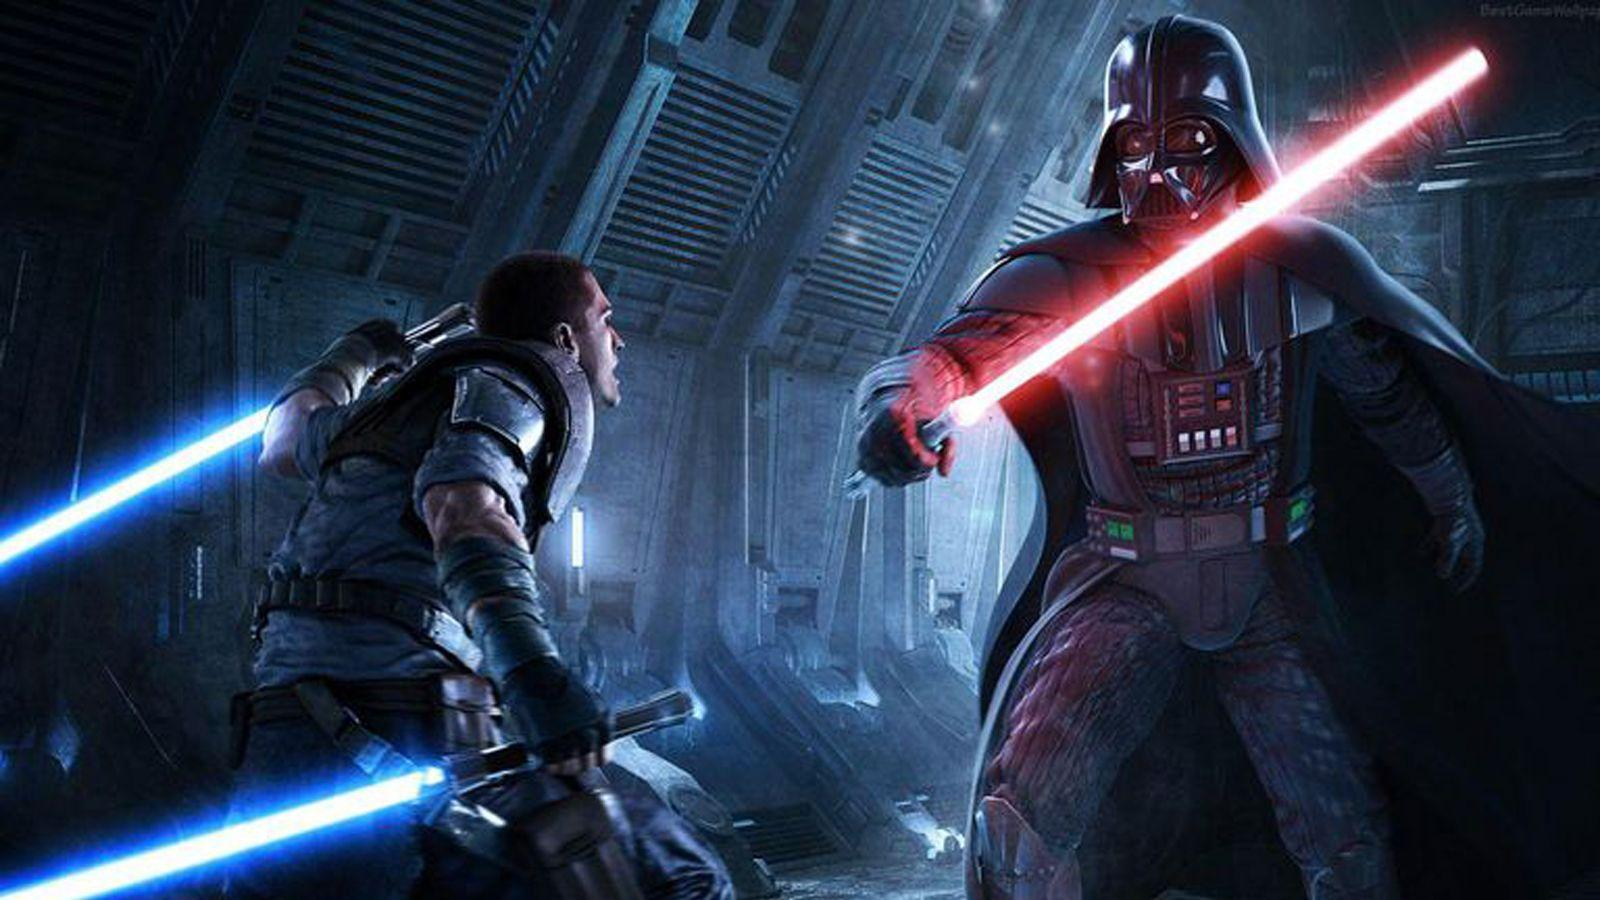 Star Wars Jedi Fallen Order 4k Wallpaper 1